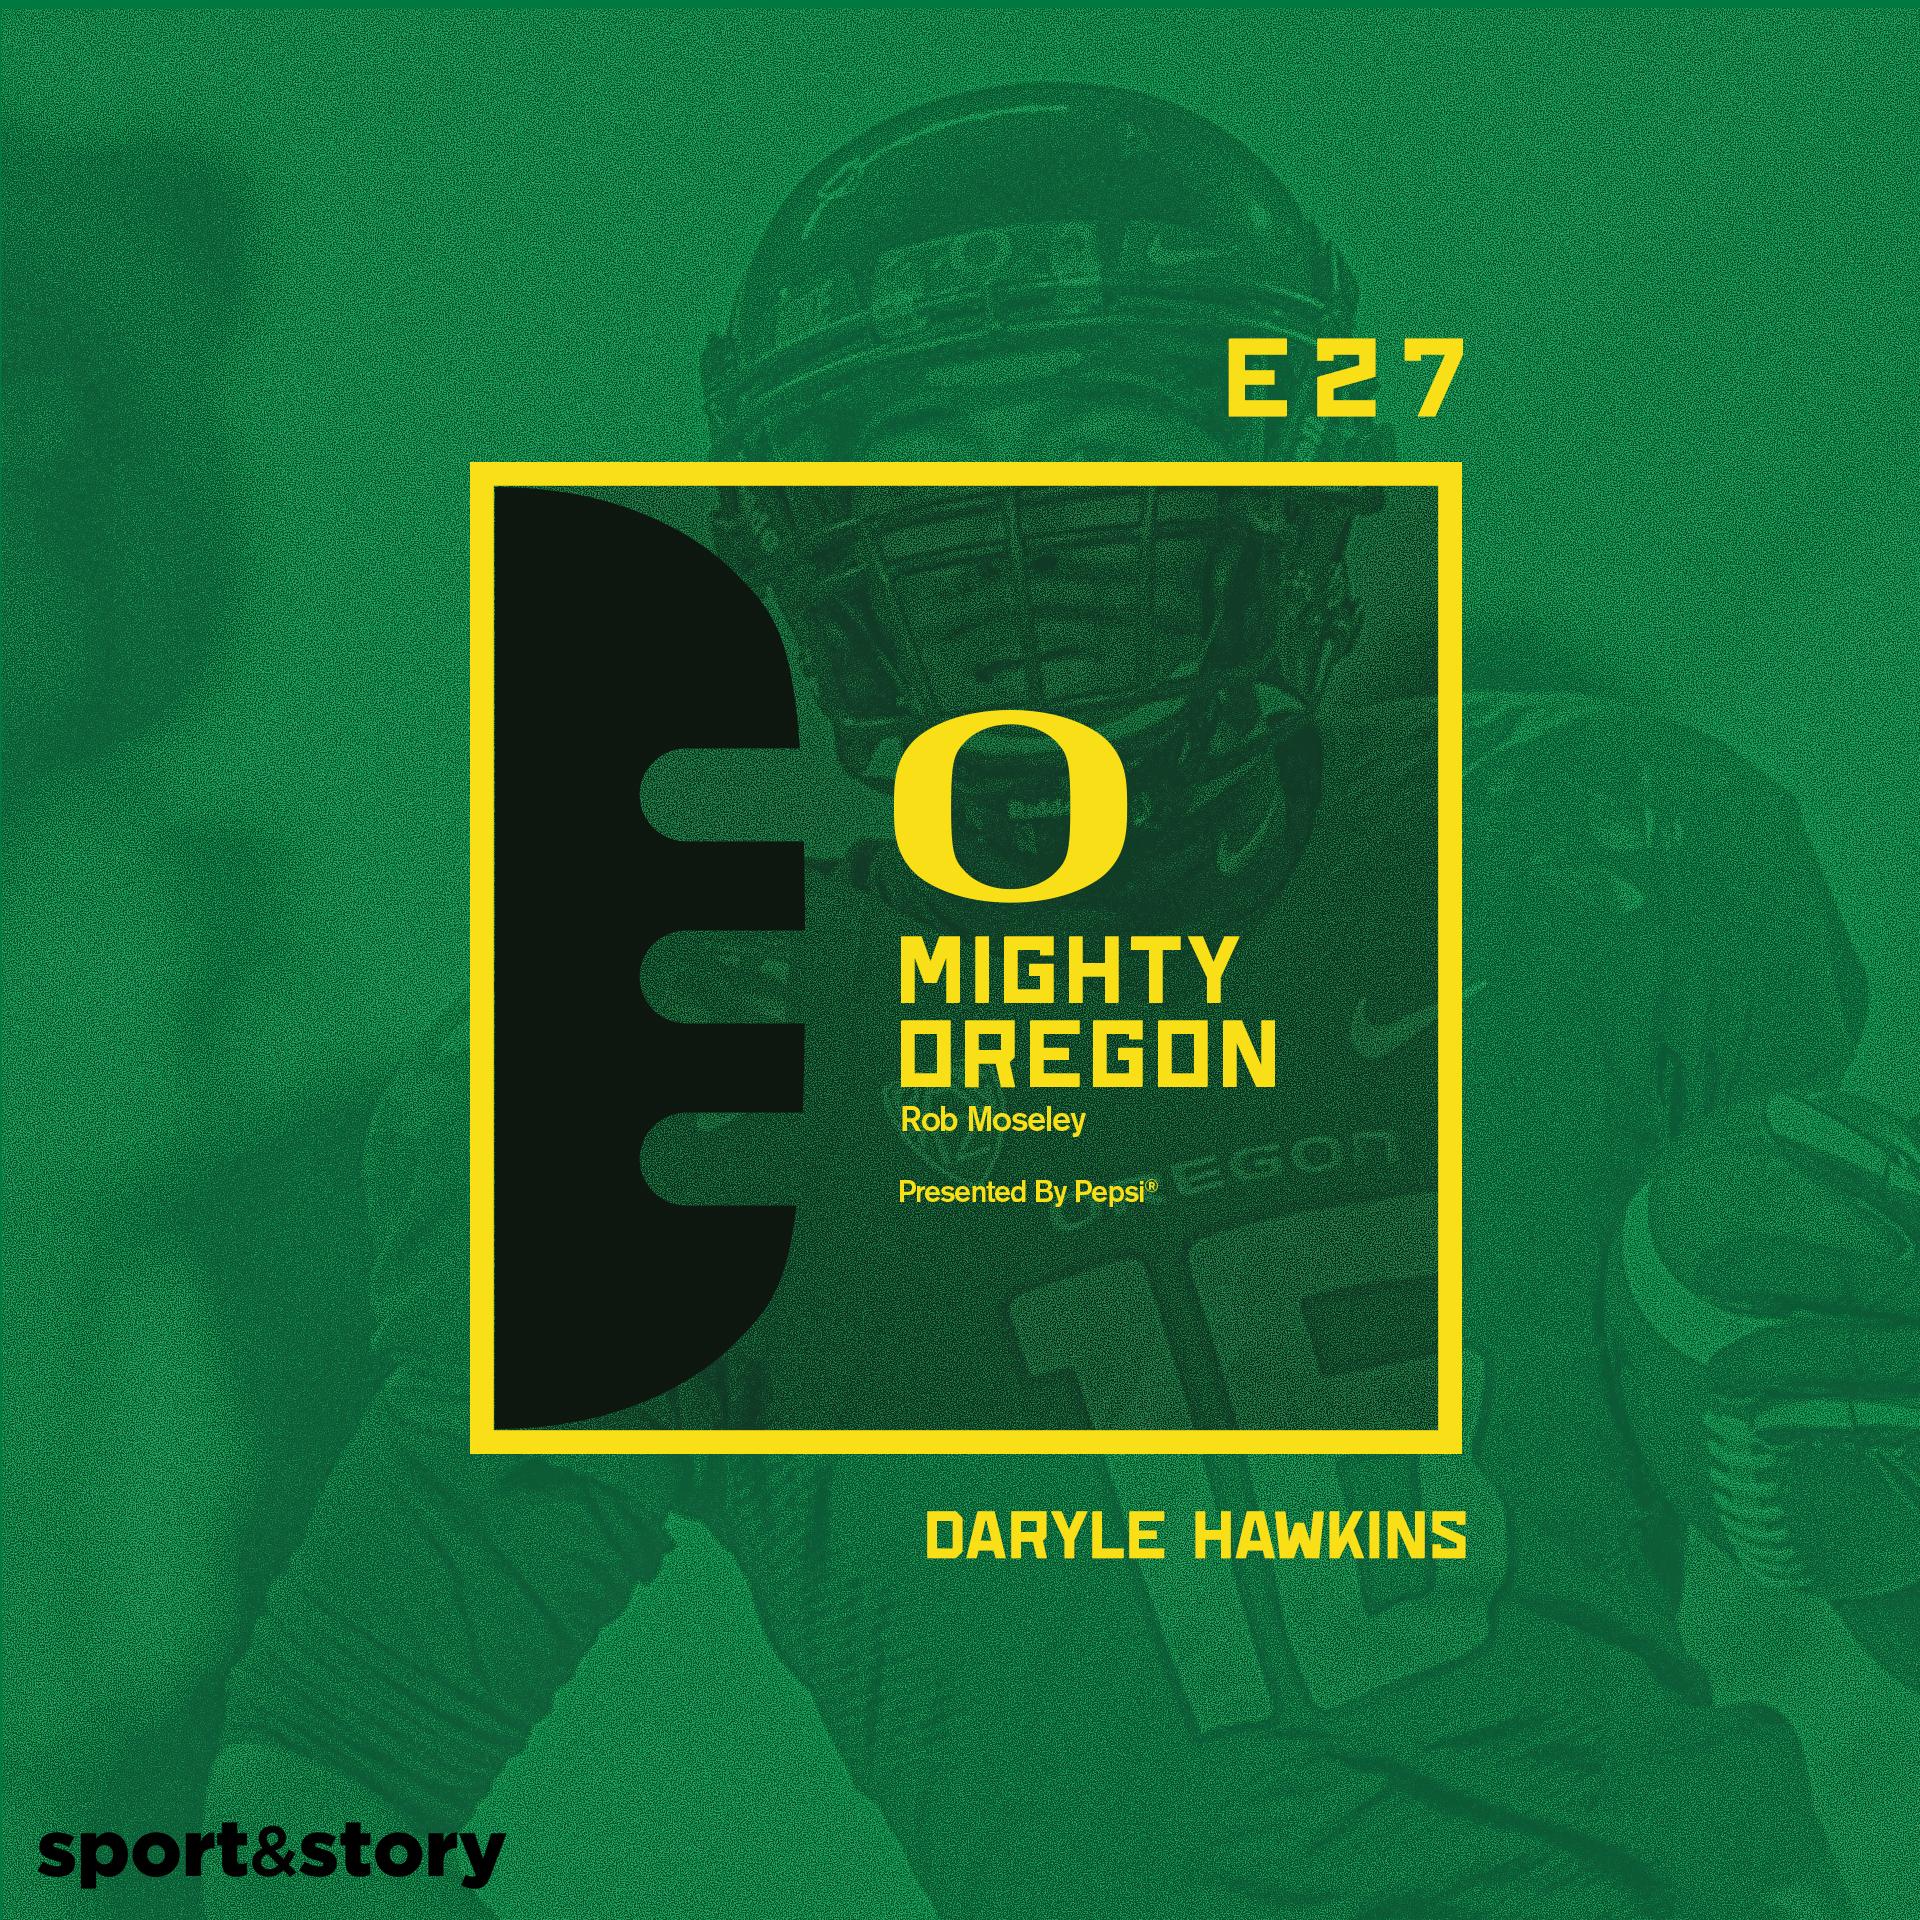 27. Daryle Hawkins: Designing Duck